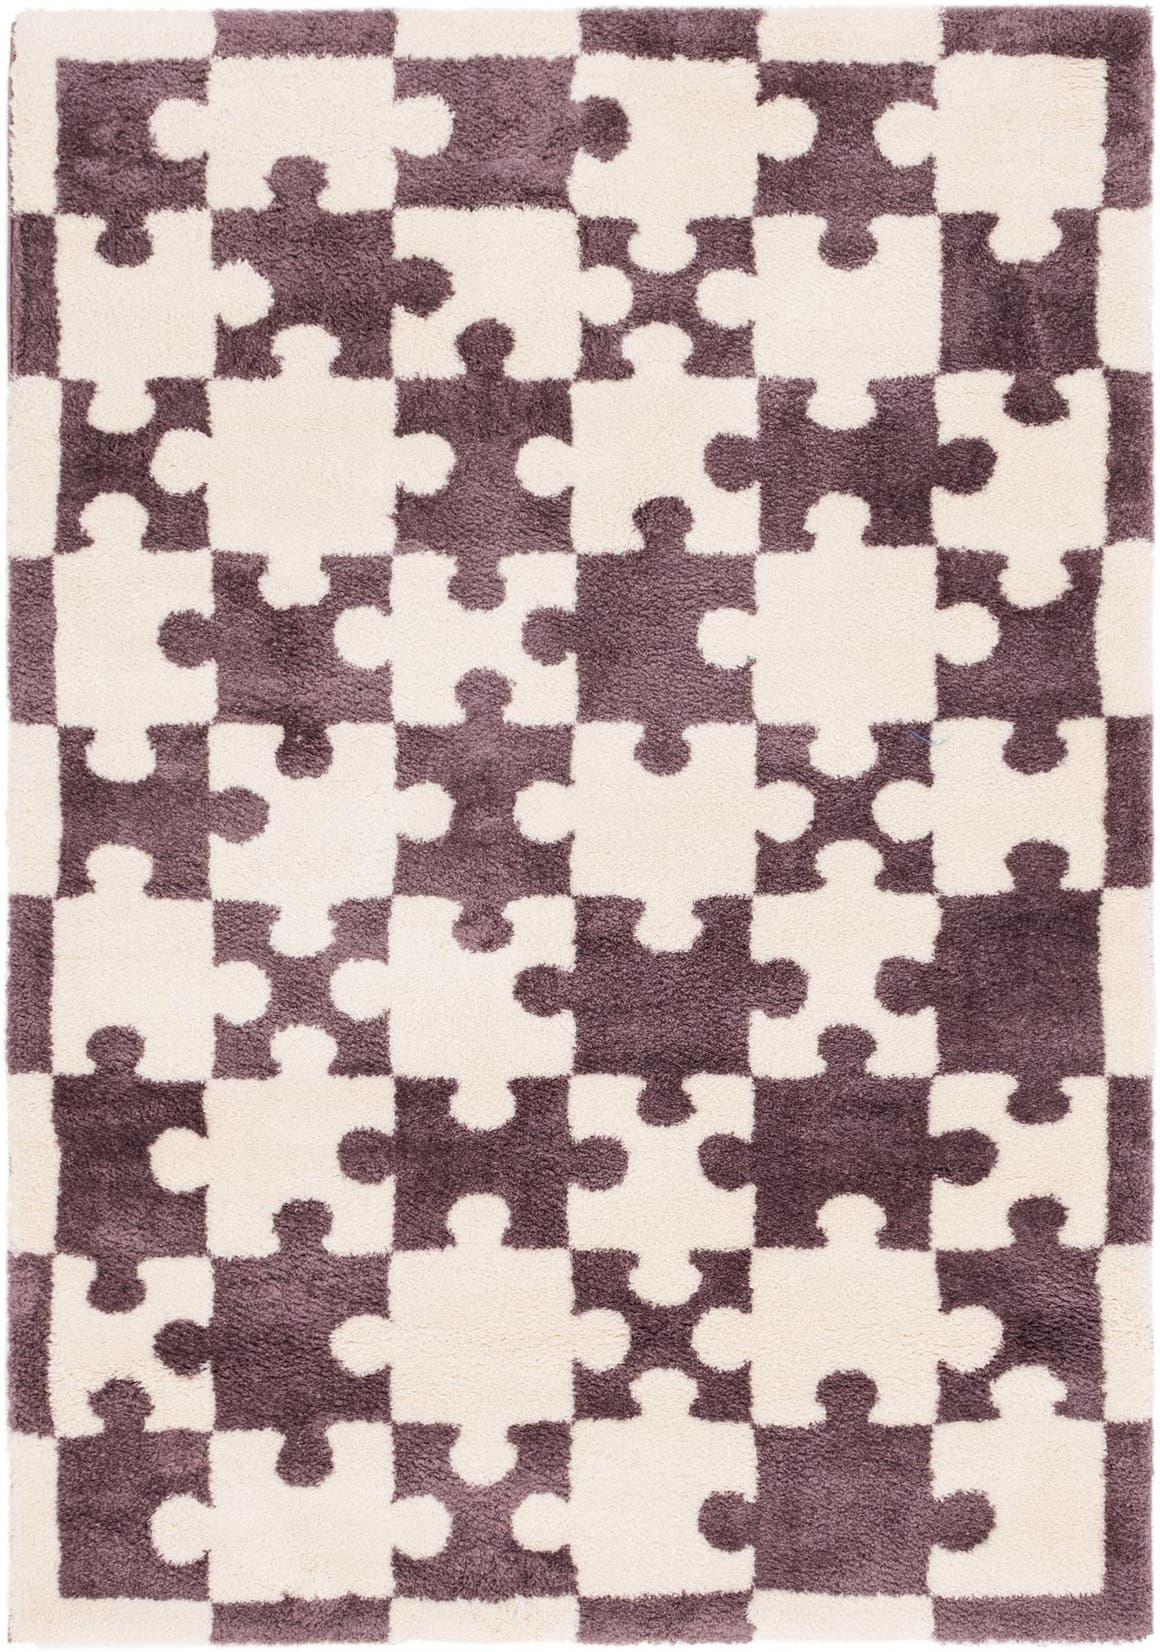 5' 4 x 7' 6 Multi-Tone Shag Rug main image